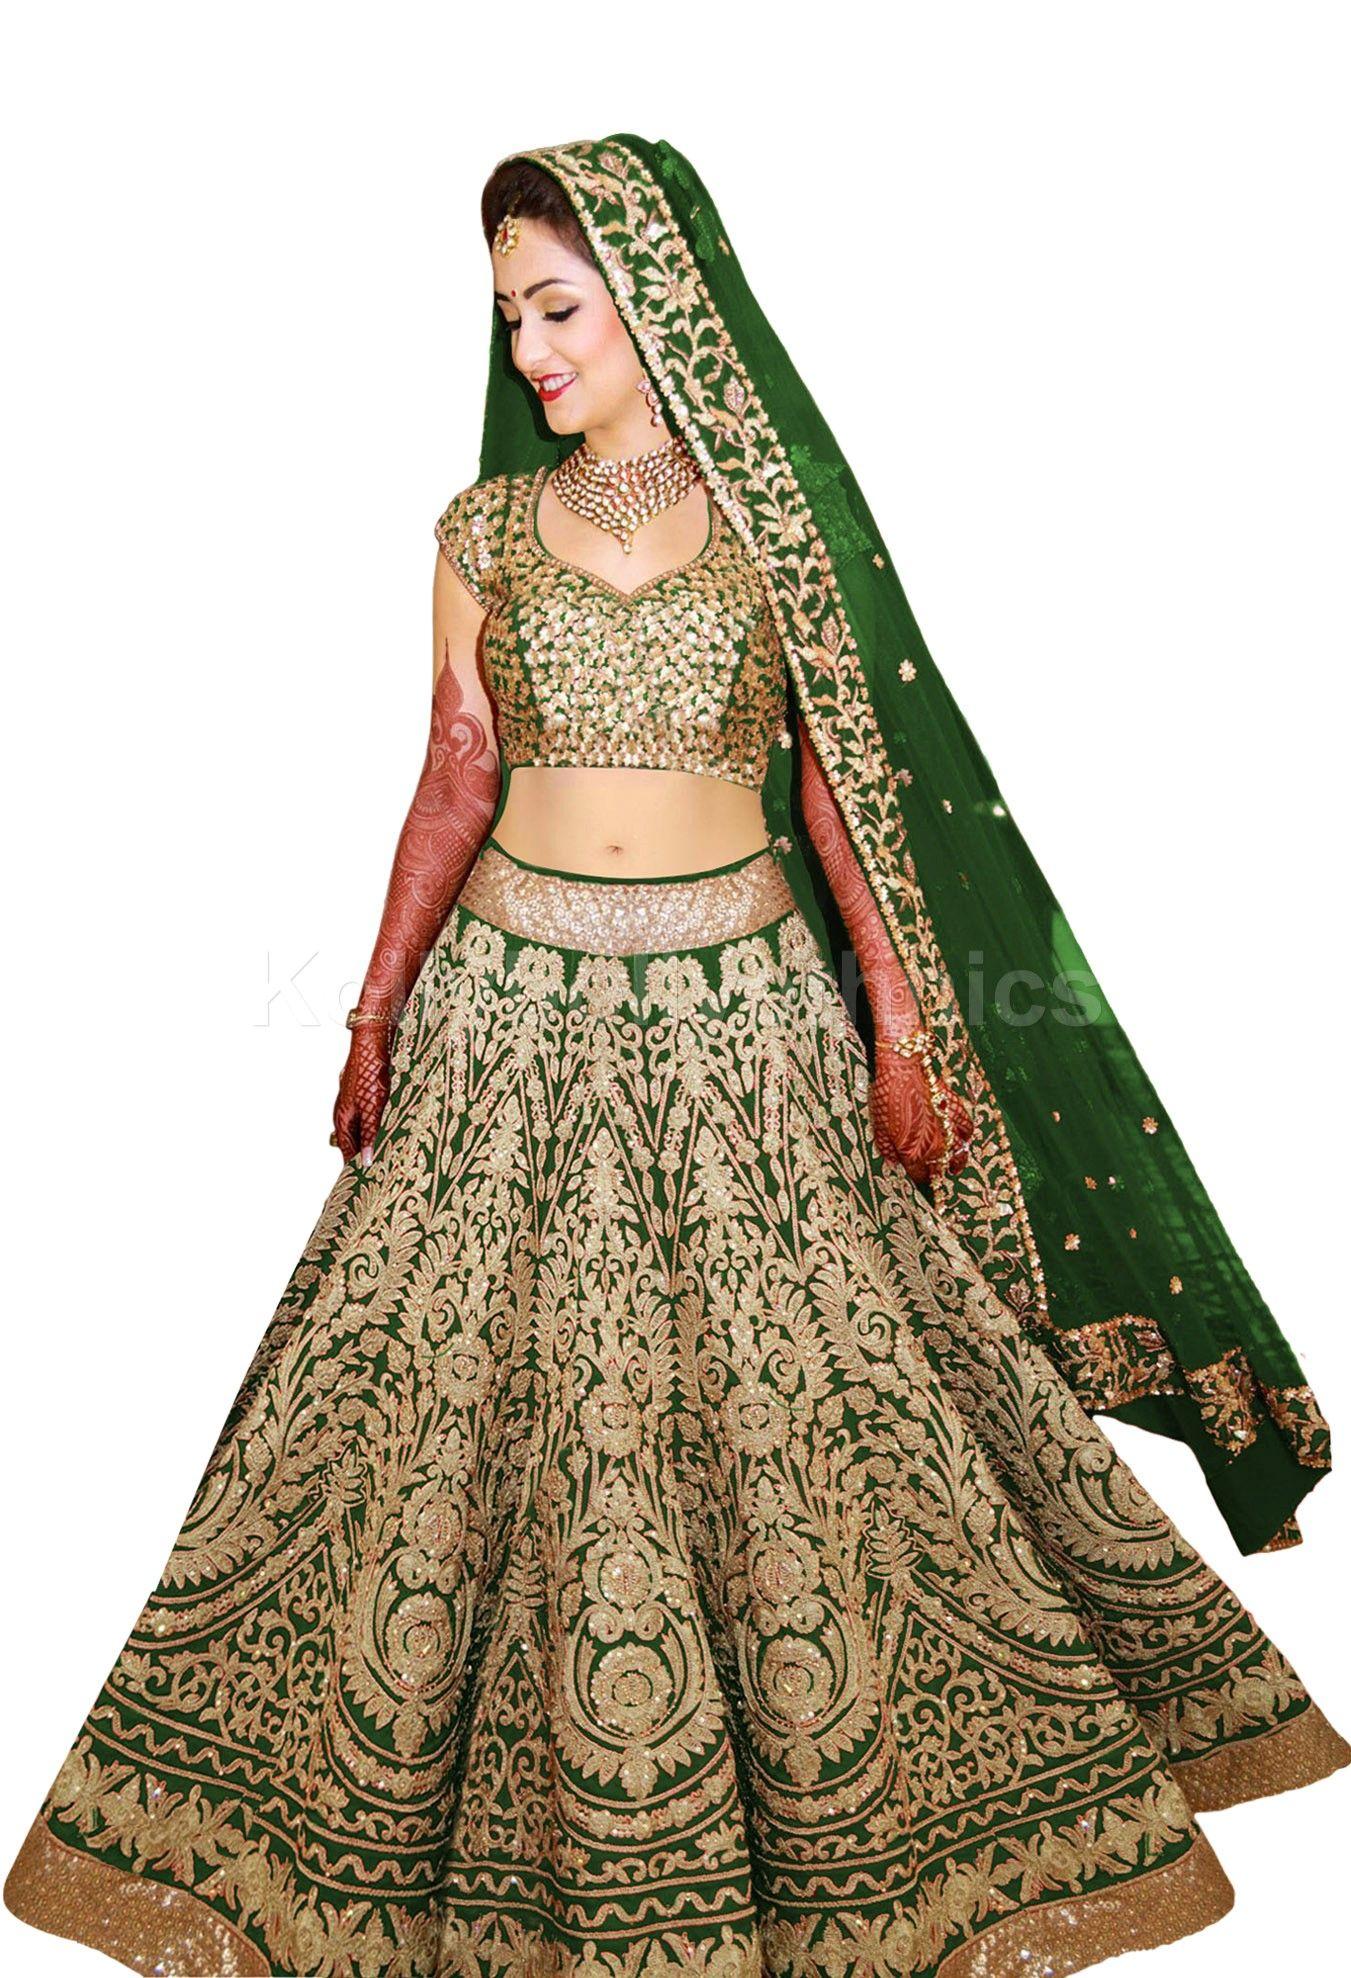 1bcb30d6470c Buy Bollywood model green color raw silk wedding lehenga choli in UK ...